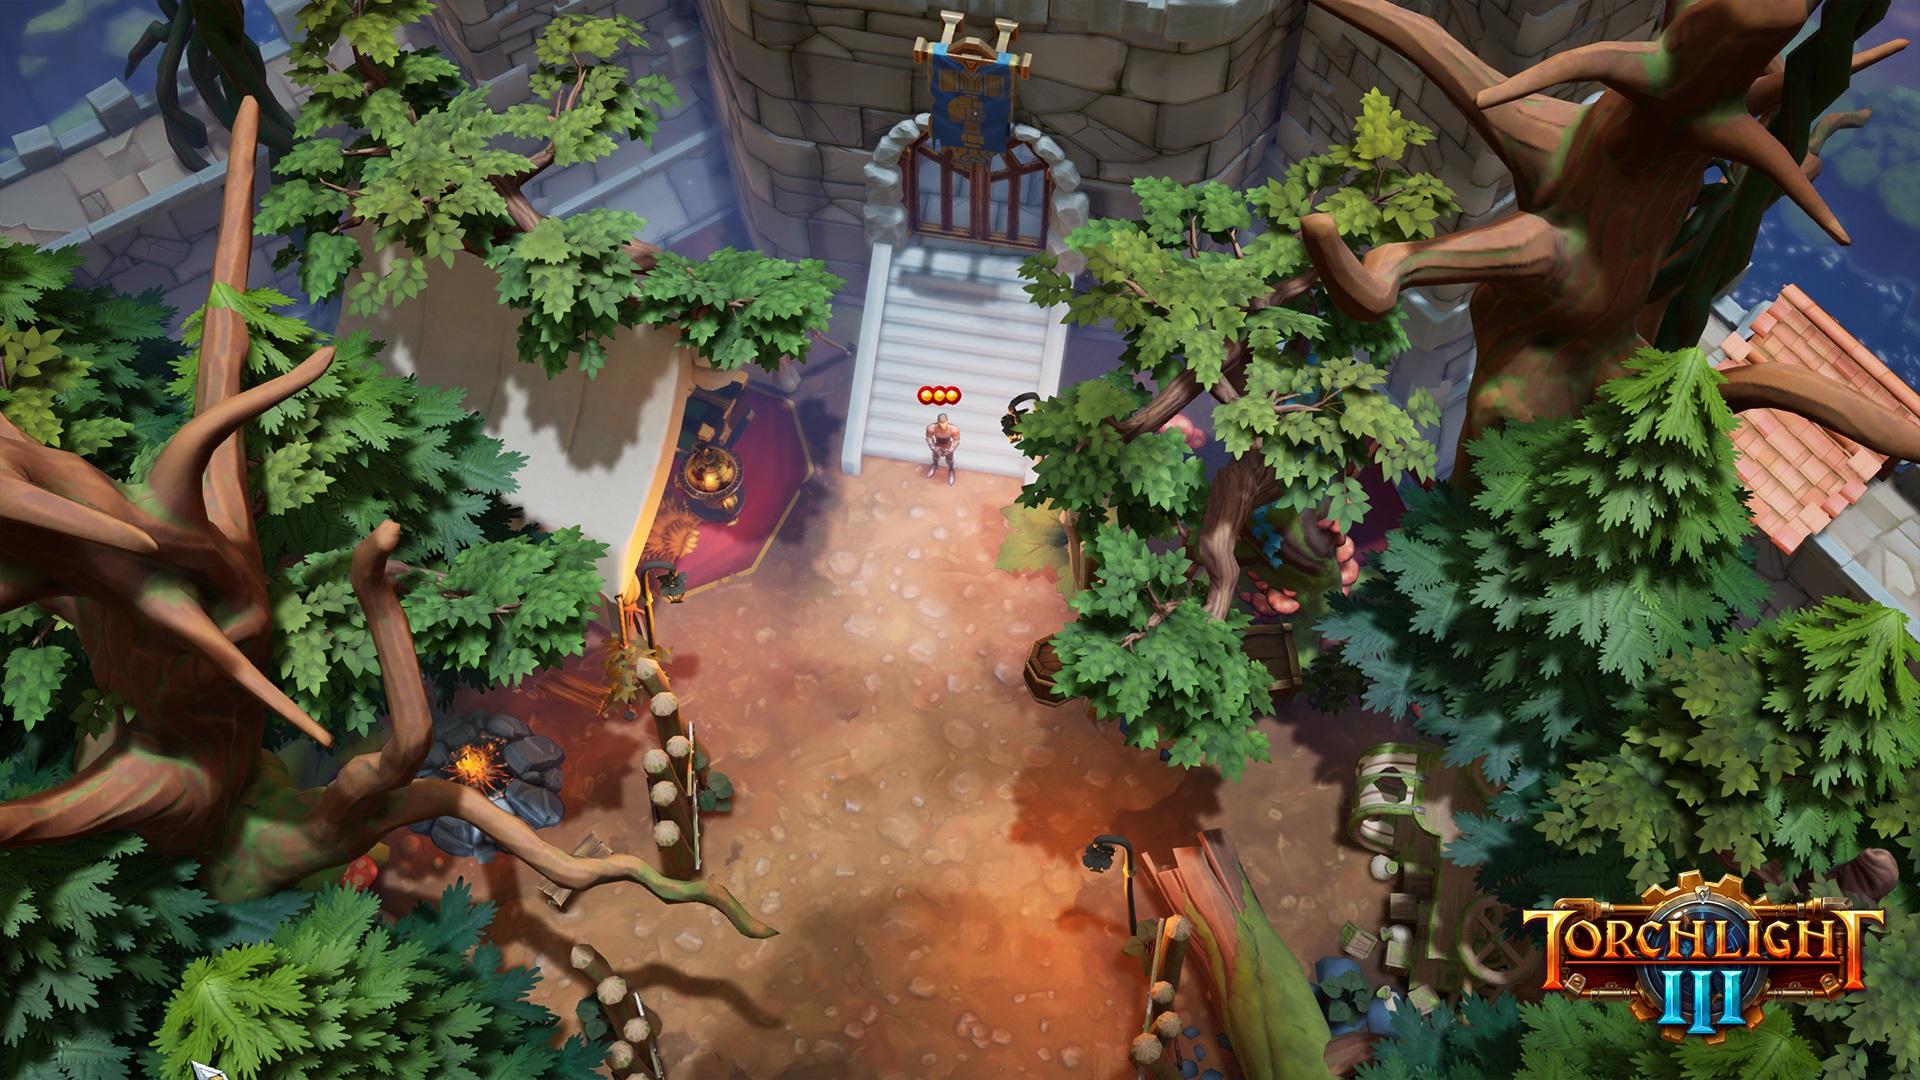 《火炬之光3》玩家要塞账户内共享 支持完全自定义